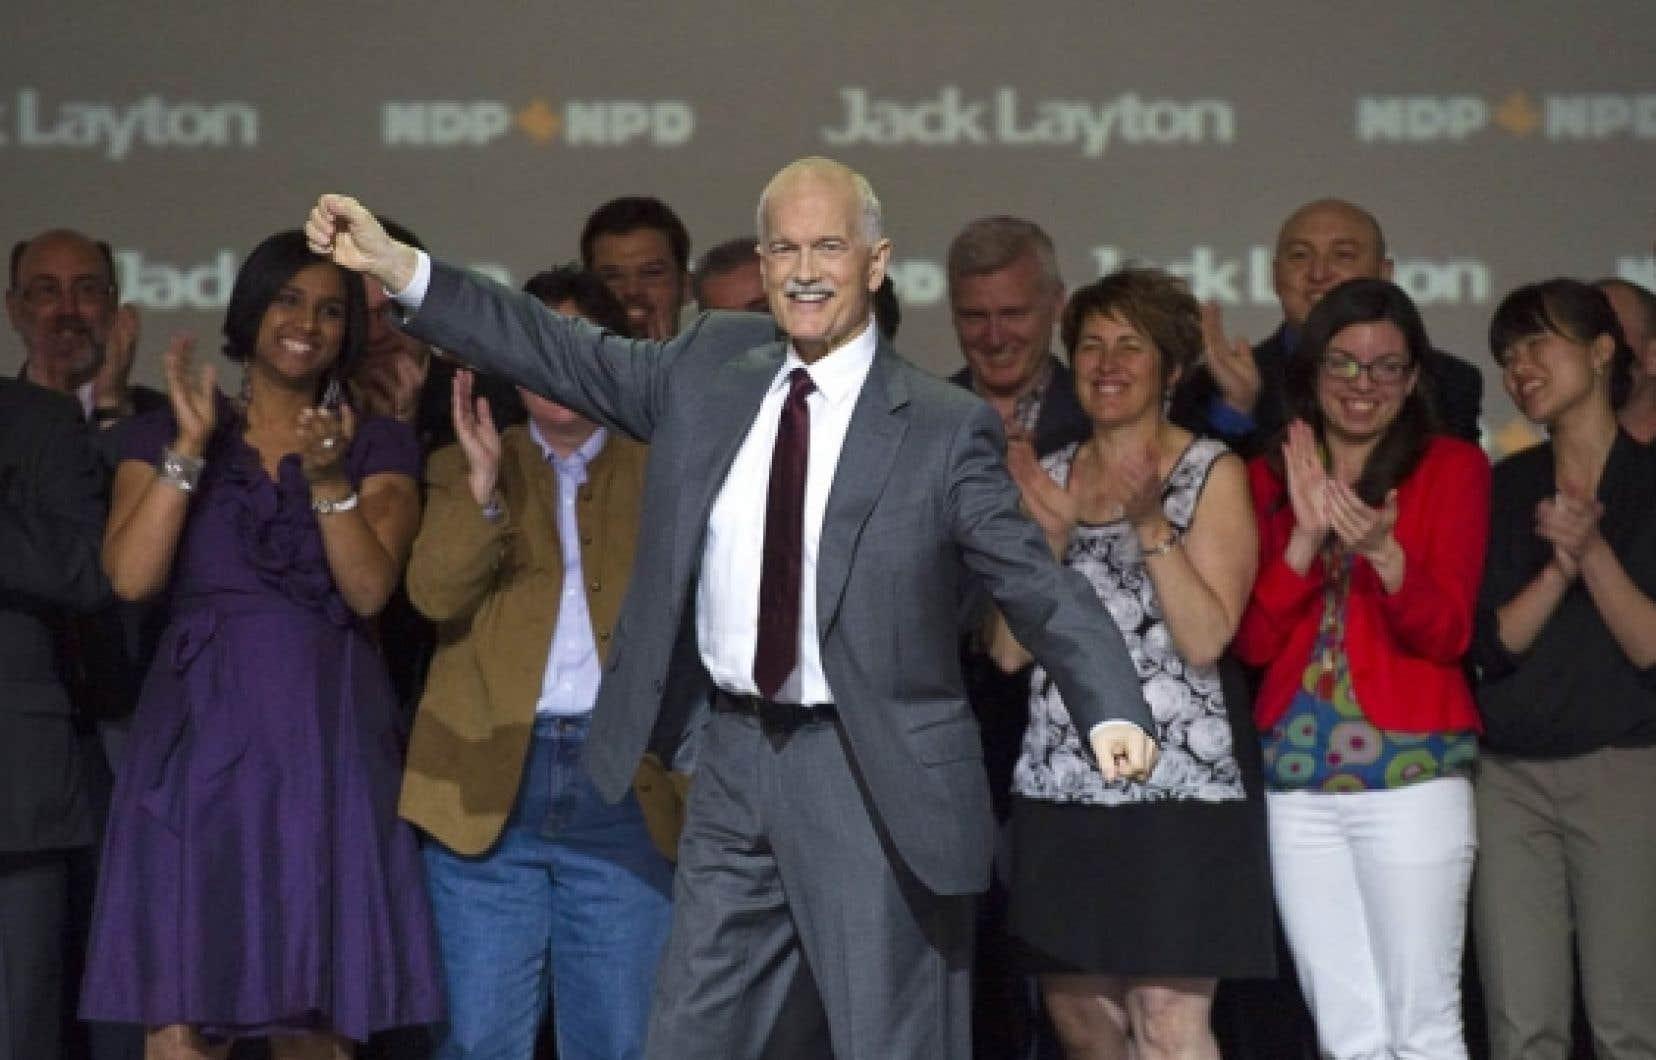 «En faisant du NPD l'opposition officielle à Ottawa, les Canadiens nous ont donné une grande responsabilité, a lancé Jack Layton lors de son discours d'ouverture hier soir.